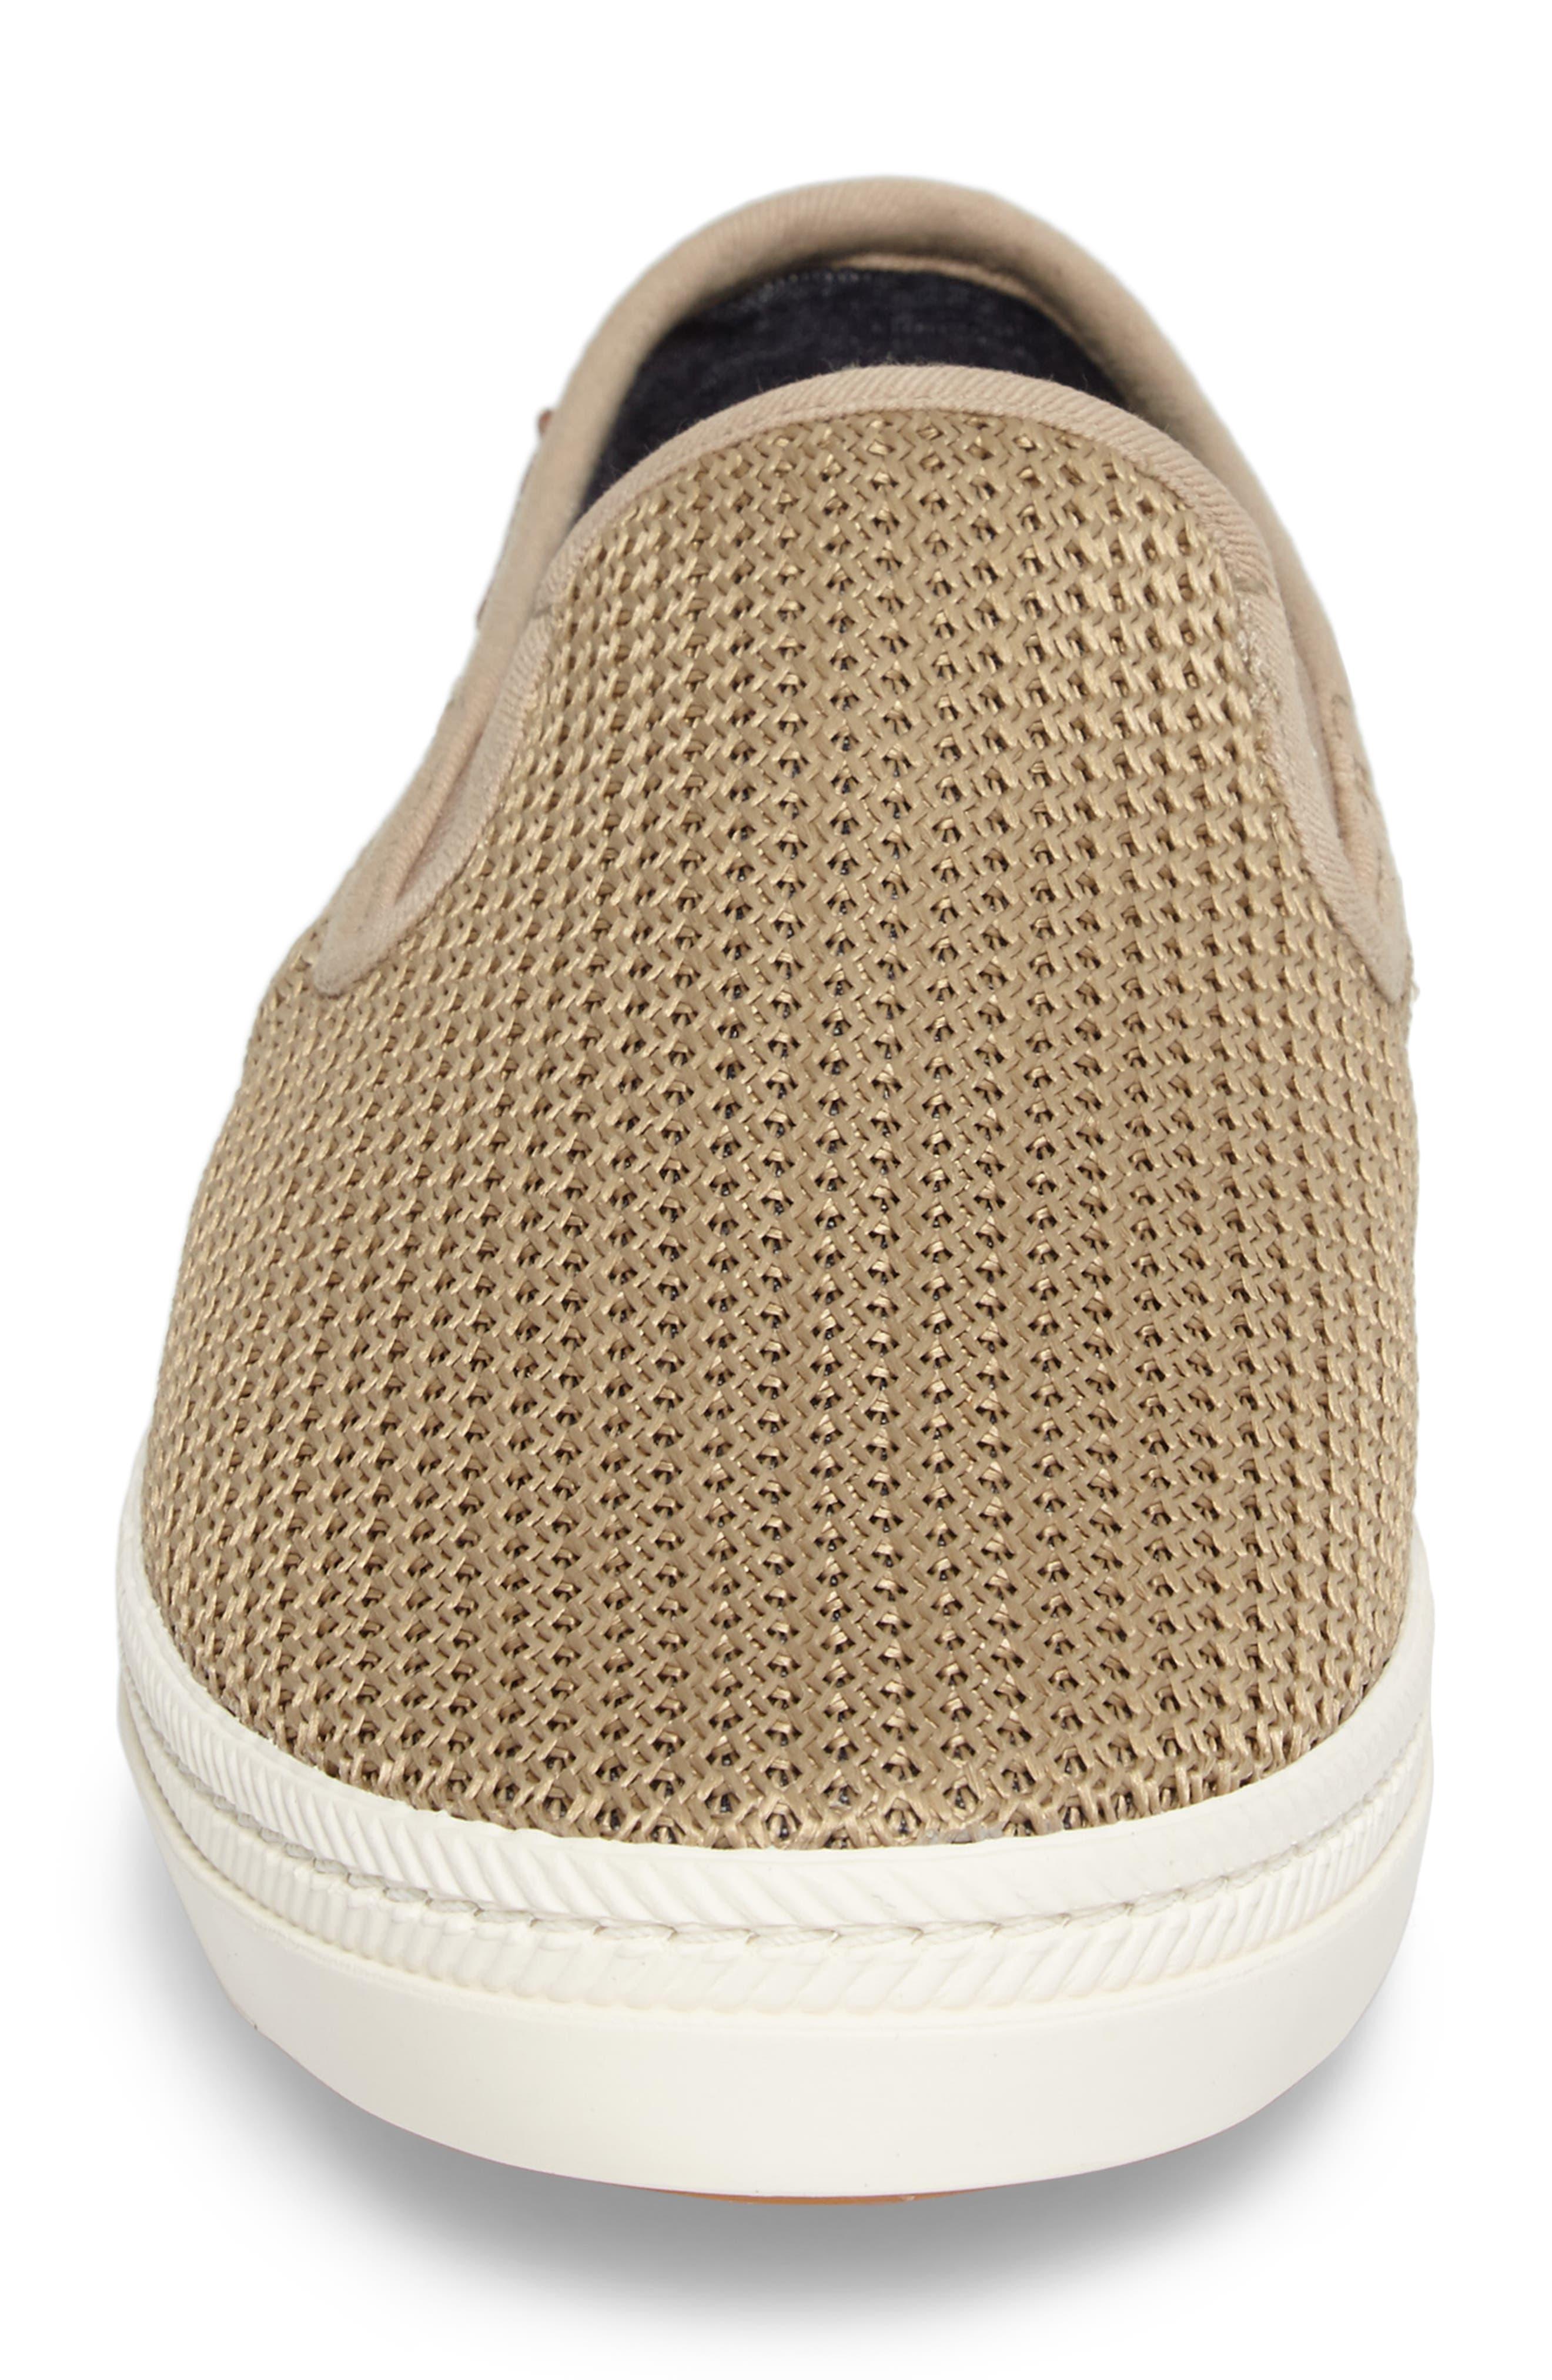 Delray Woven Slip-On Sneaker,                             Alternate thumbnail 4, color,                             252